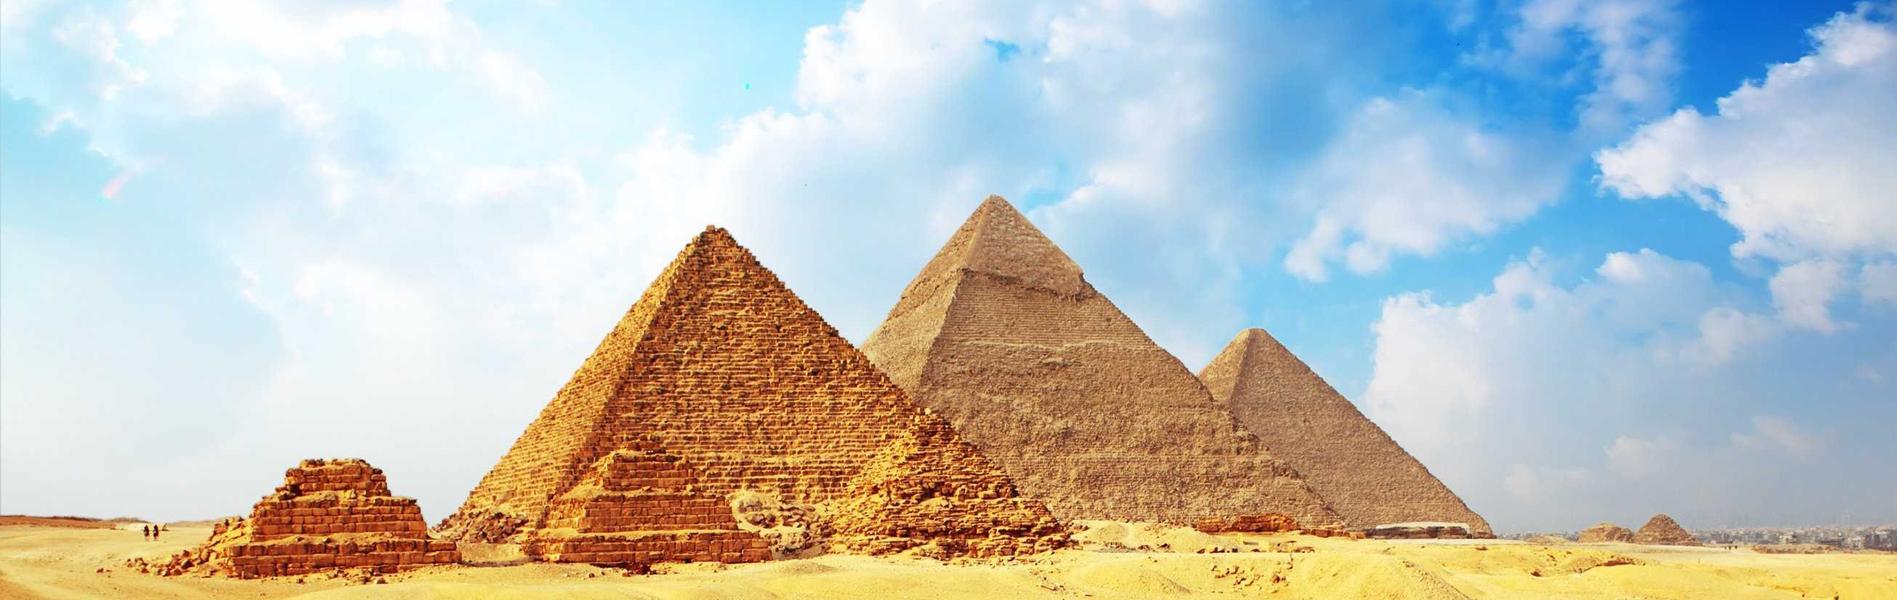 olympiq_pyramid07